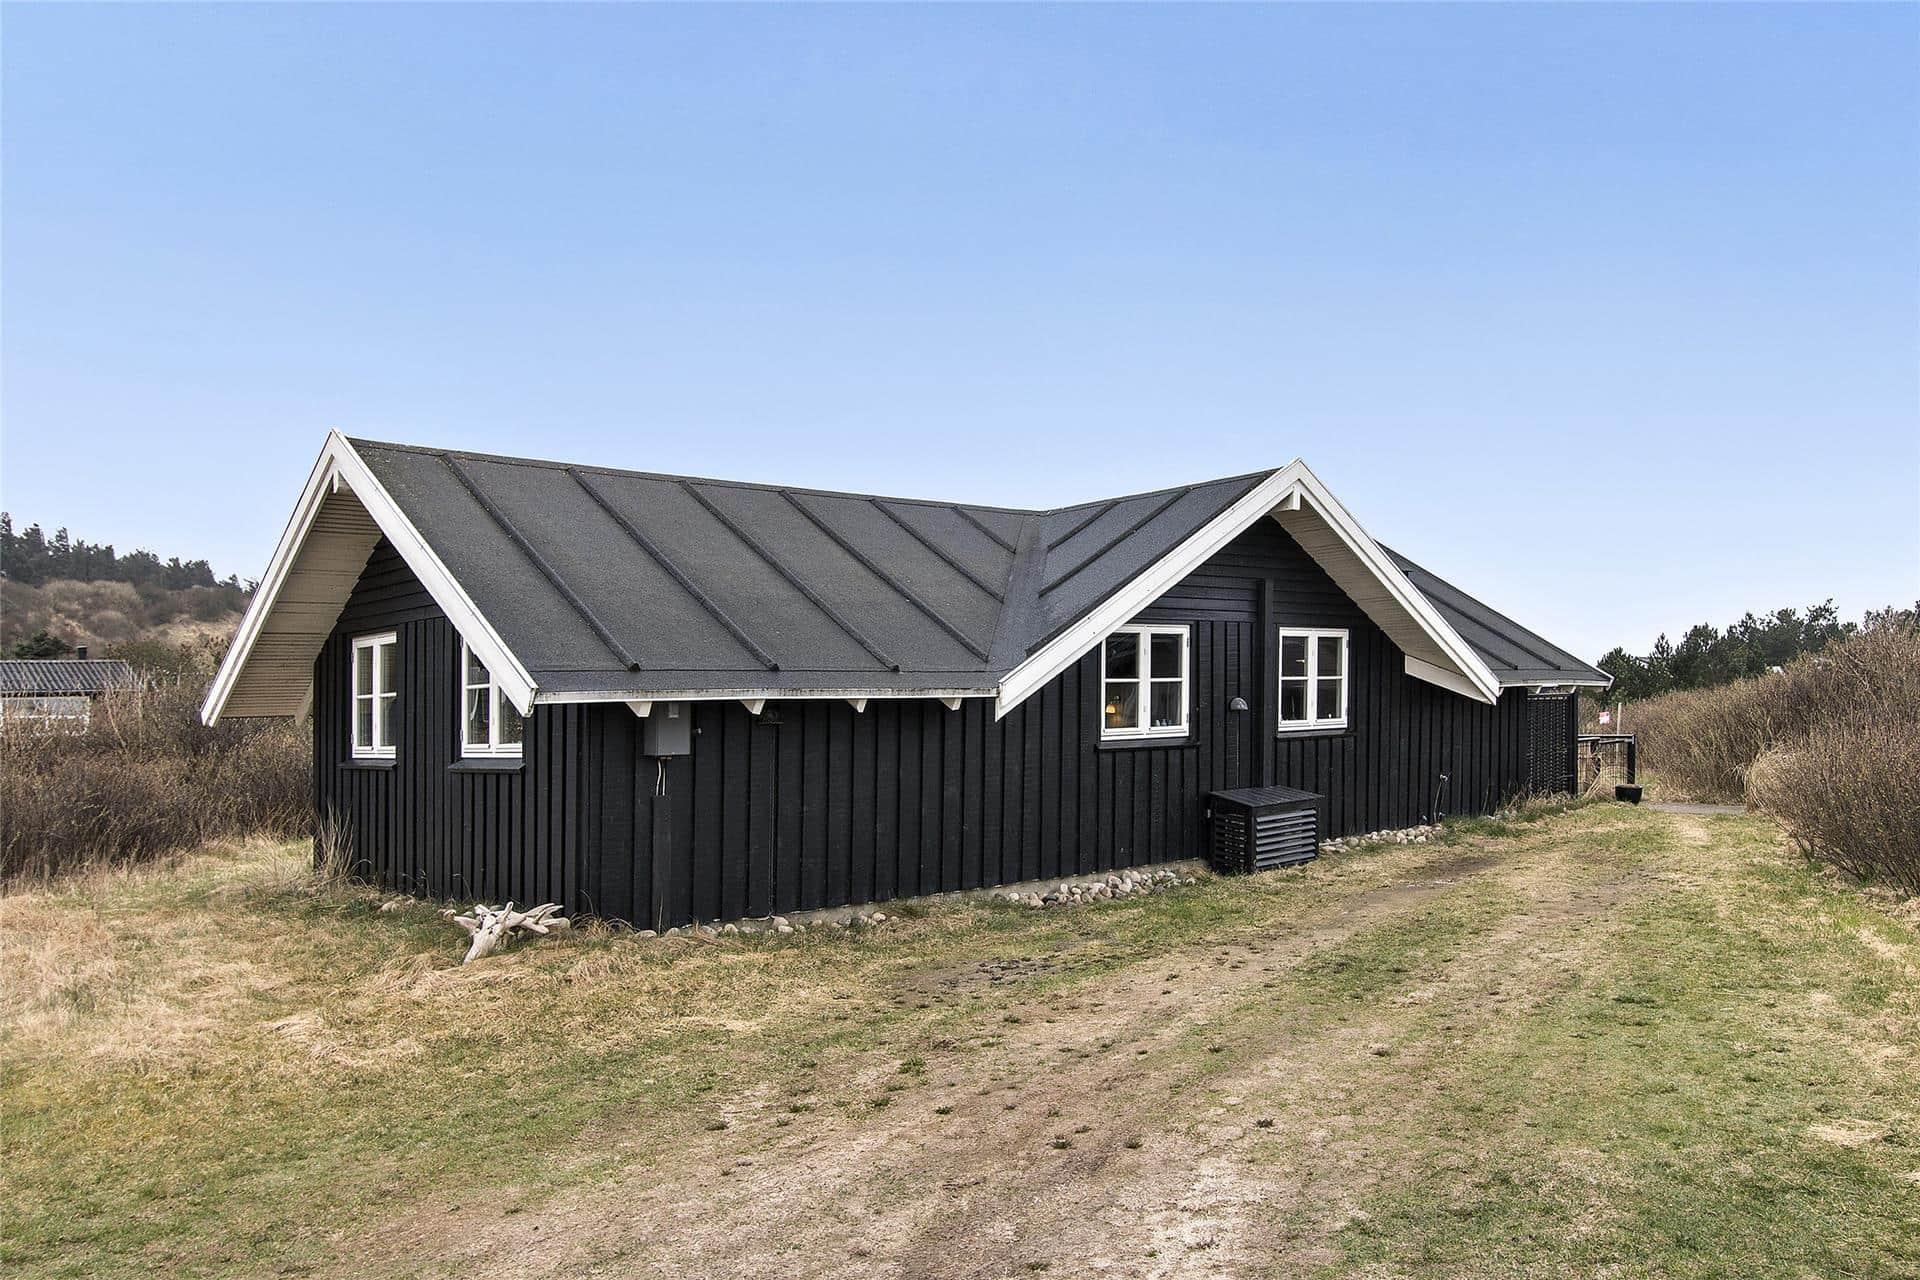 Billede 1-178 Sommerhus LN1238, Klitmøllervej 3, DK - 9800 Hjørring